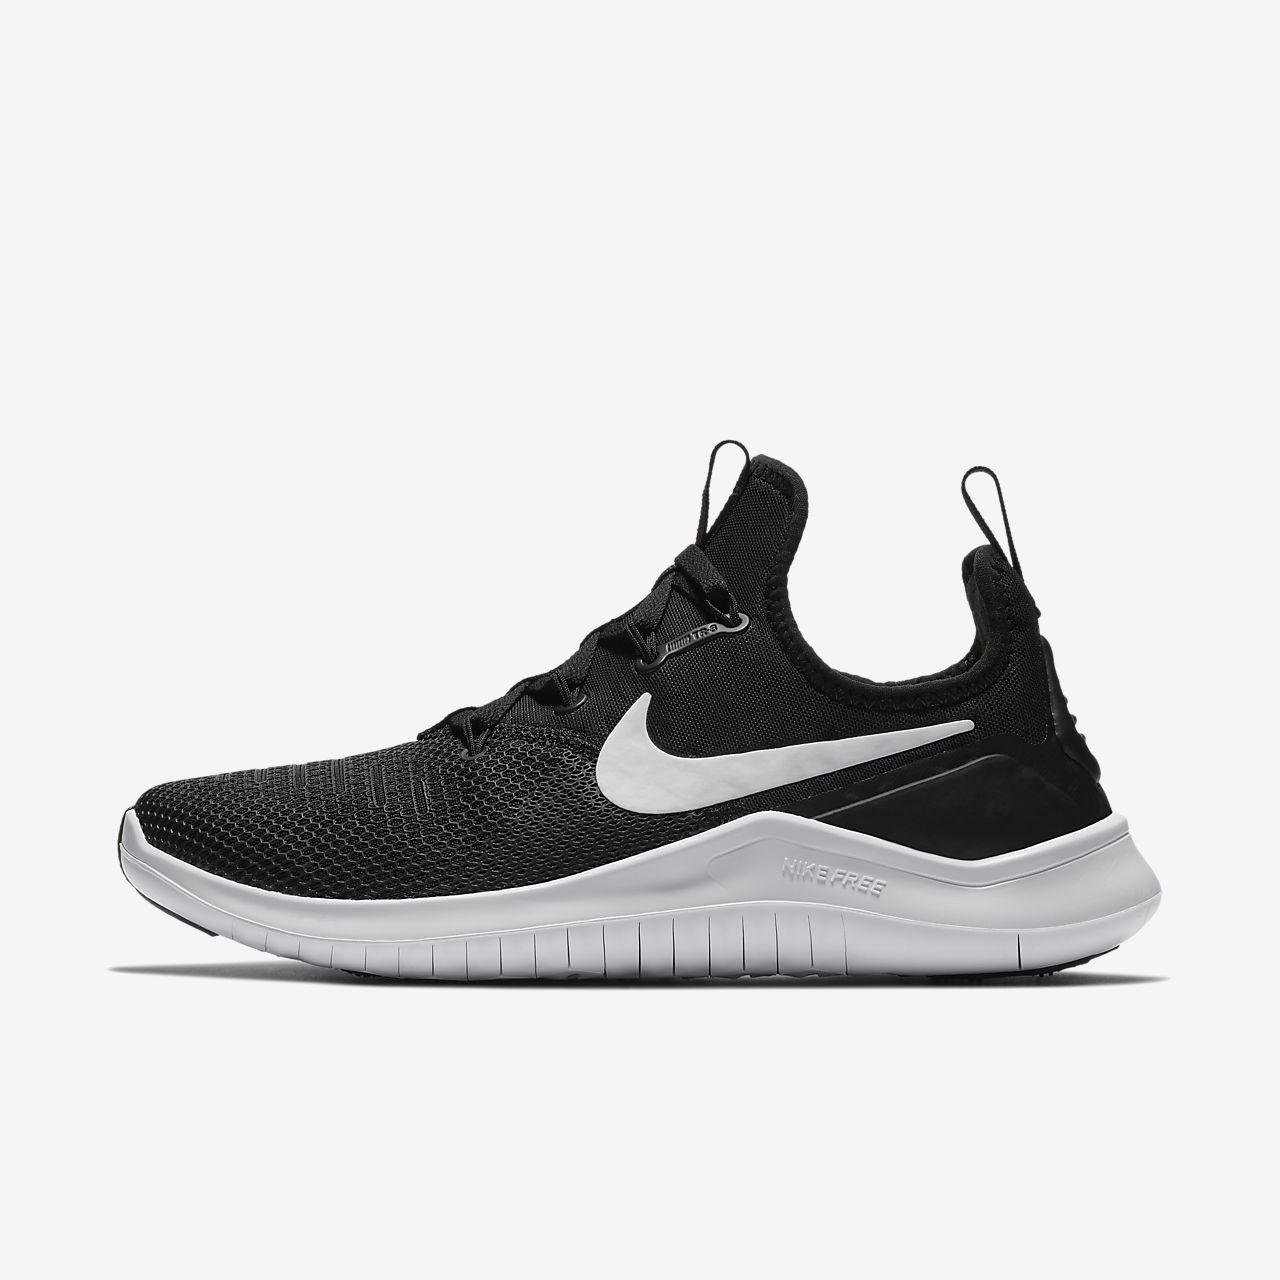 new style 8a3d8 230f6 Calzado para mujer Nike Free TR8 para entrenamiento en el gimnasio, HIIT y  cross-